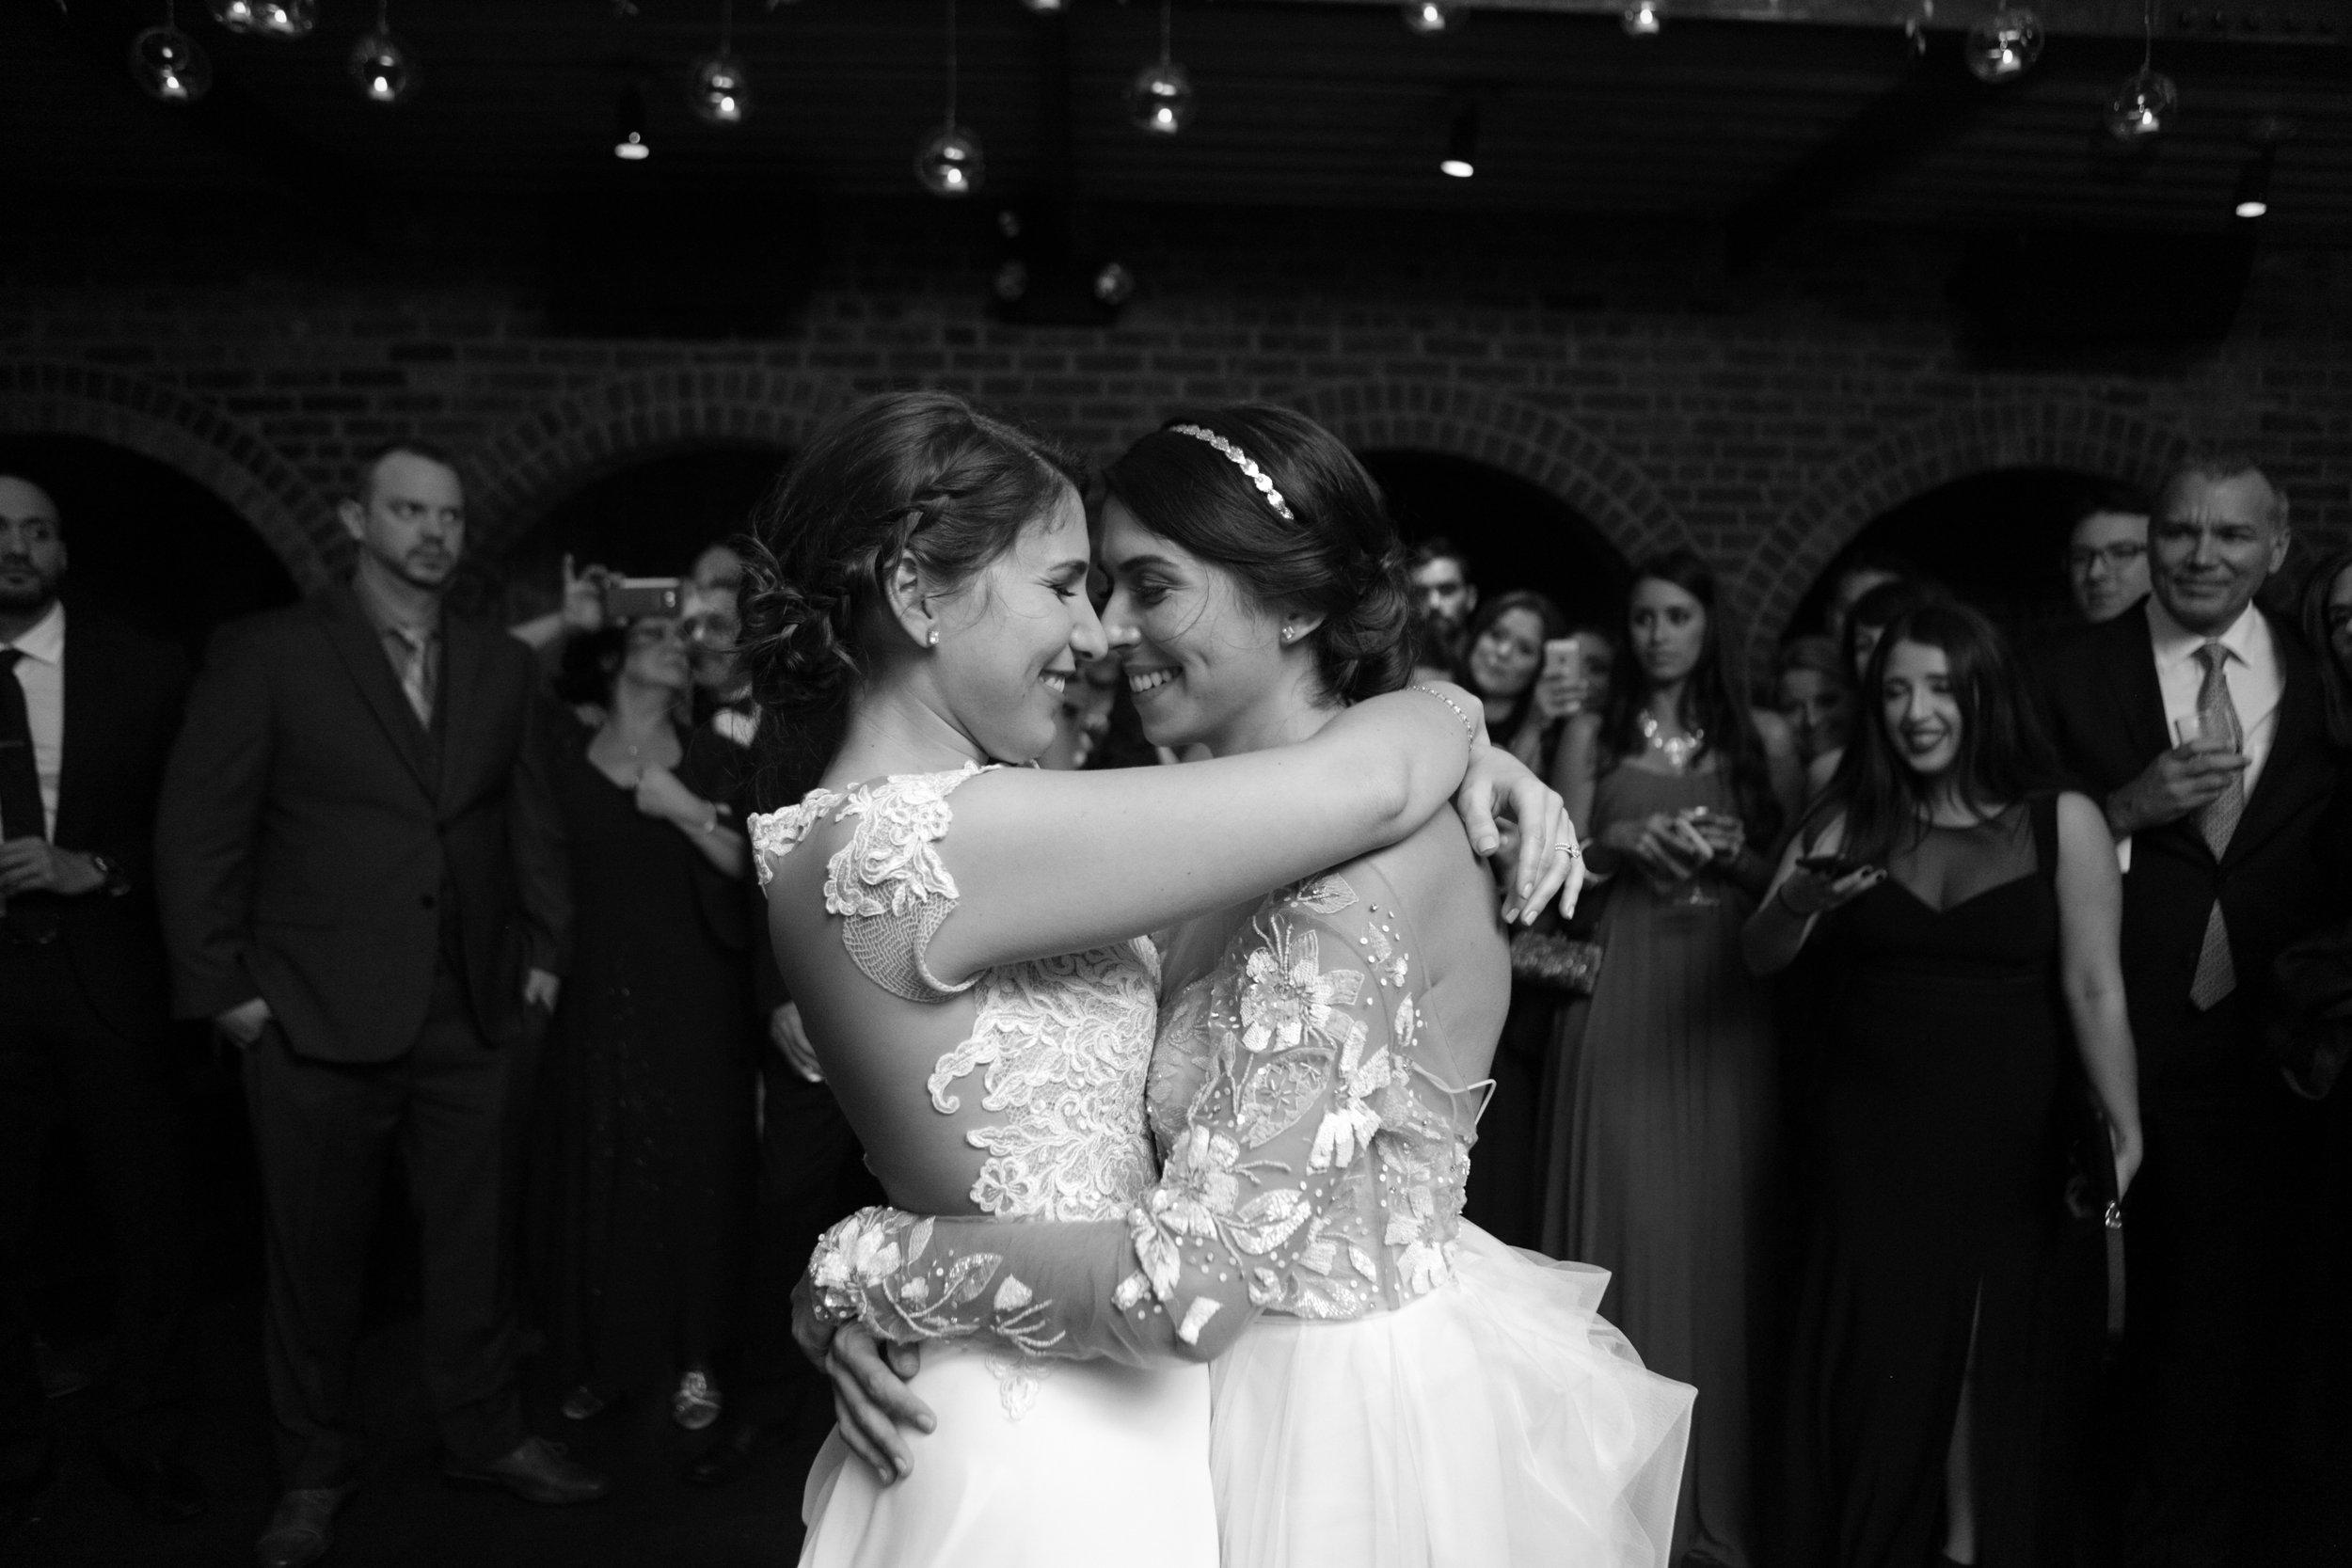 LGBT Melbourne based wedding planner